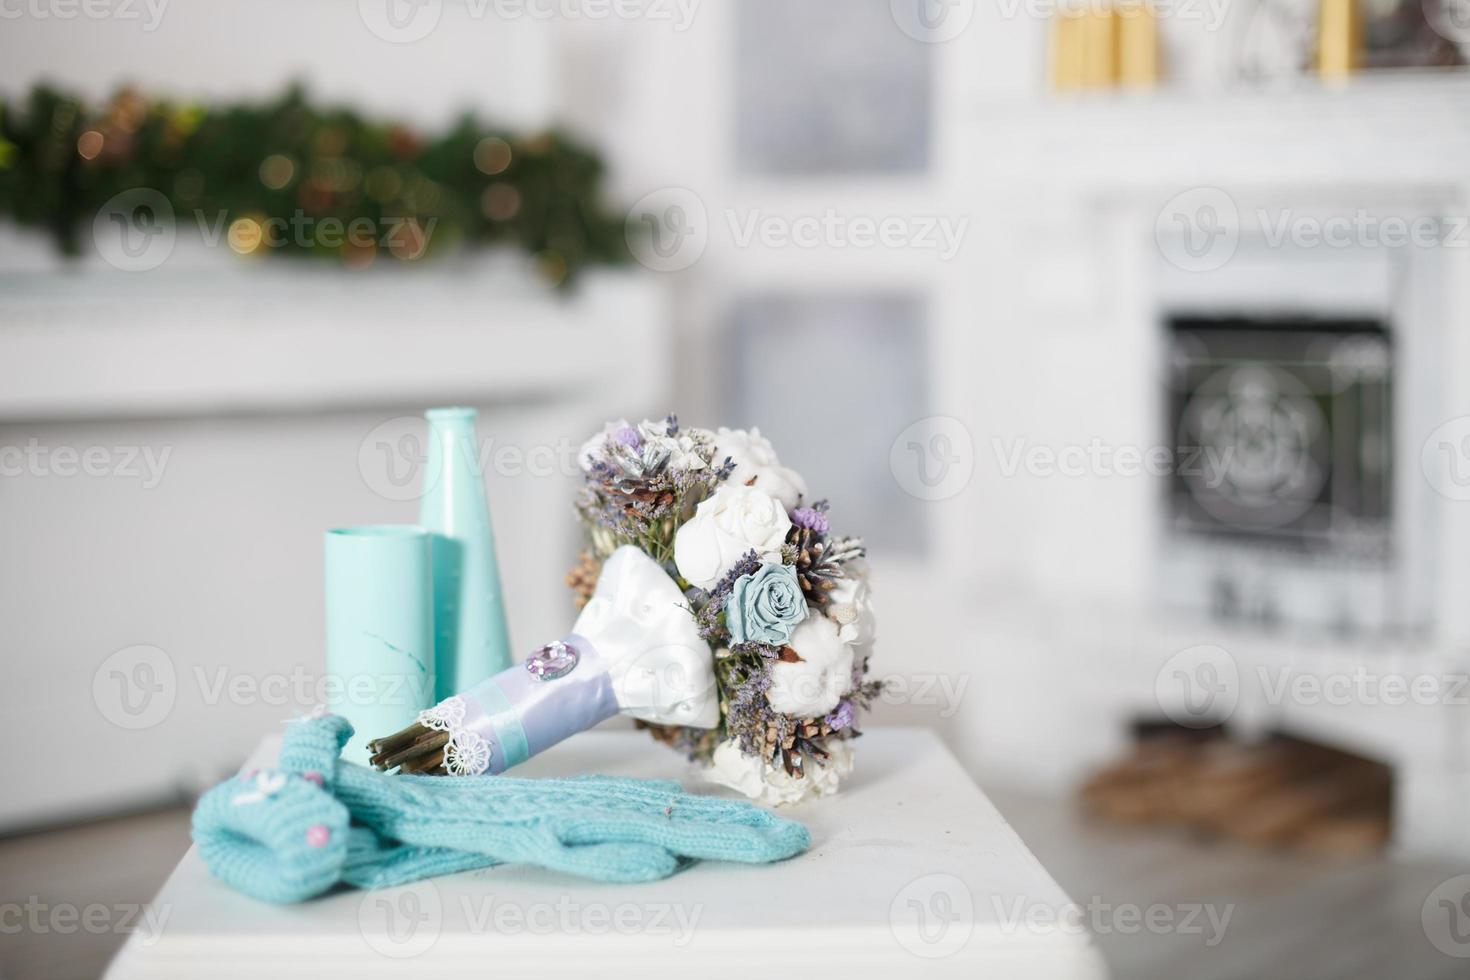 winter bruidsboeket met wanten. foto